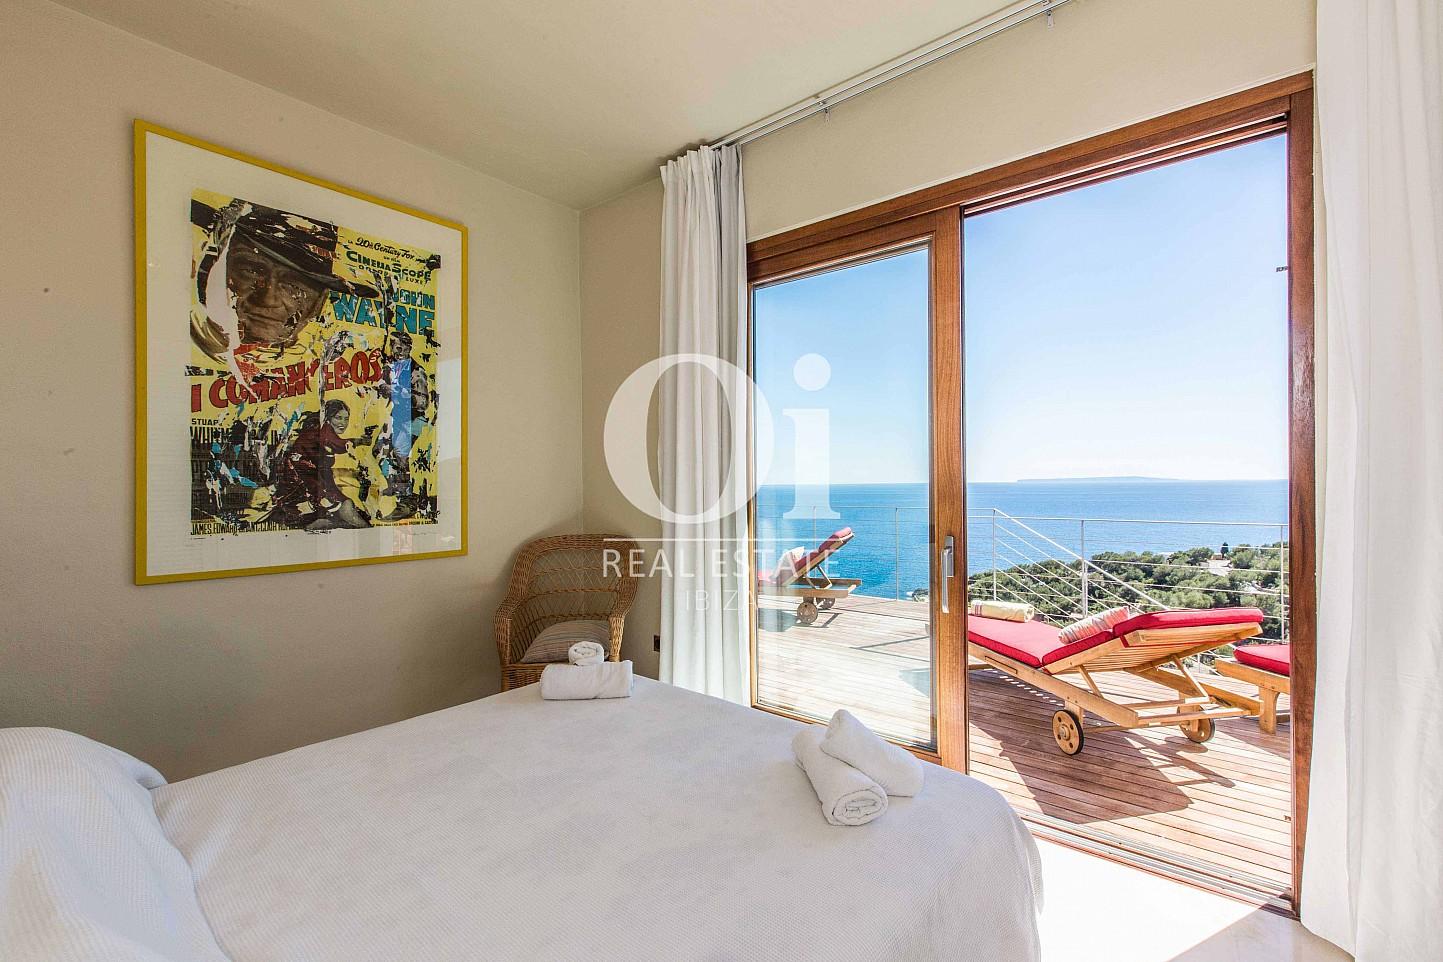 Blick in ein Schlafzimmer der Ferien-Villa in Roca Llisa, Ibiza